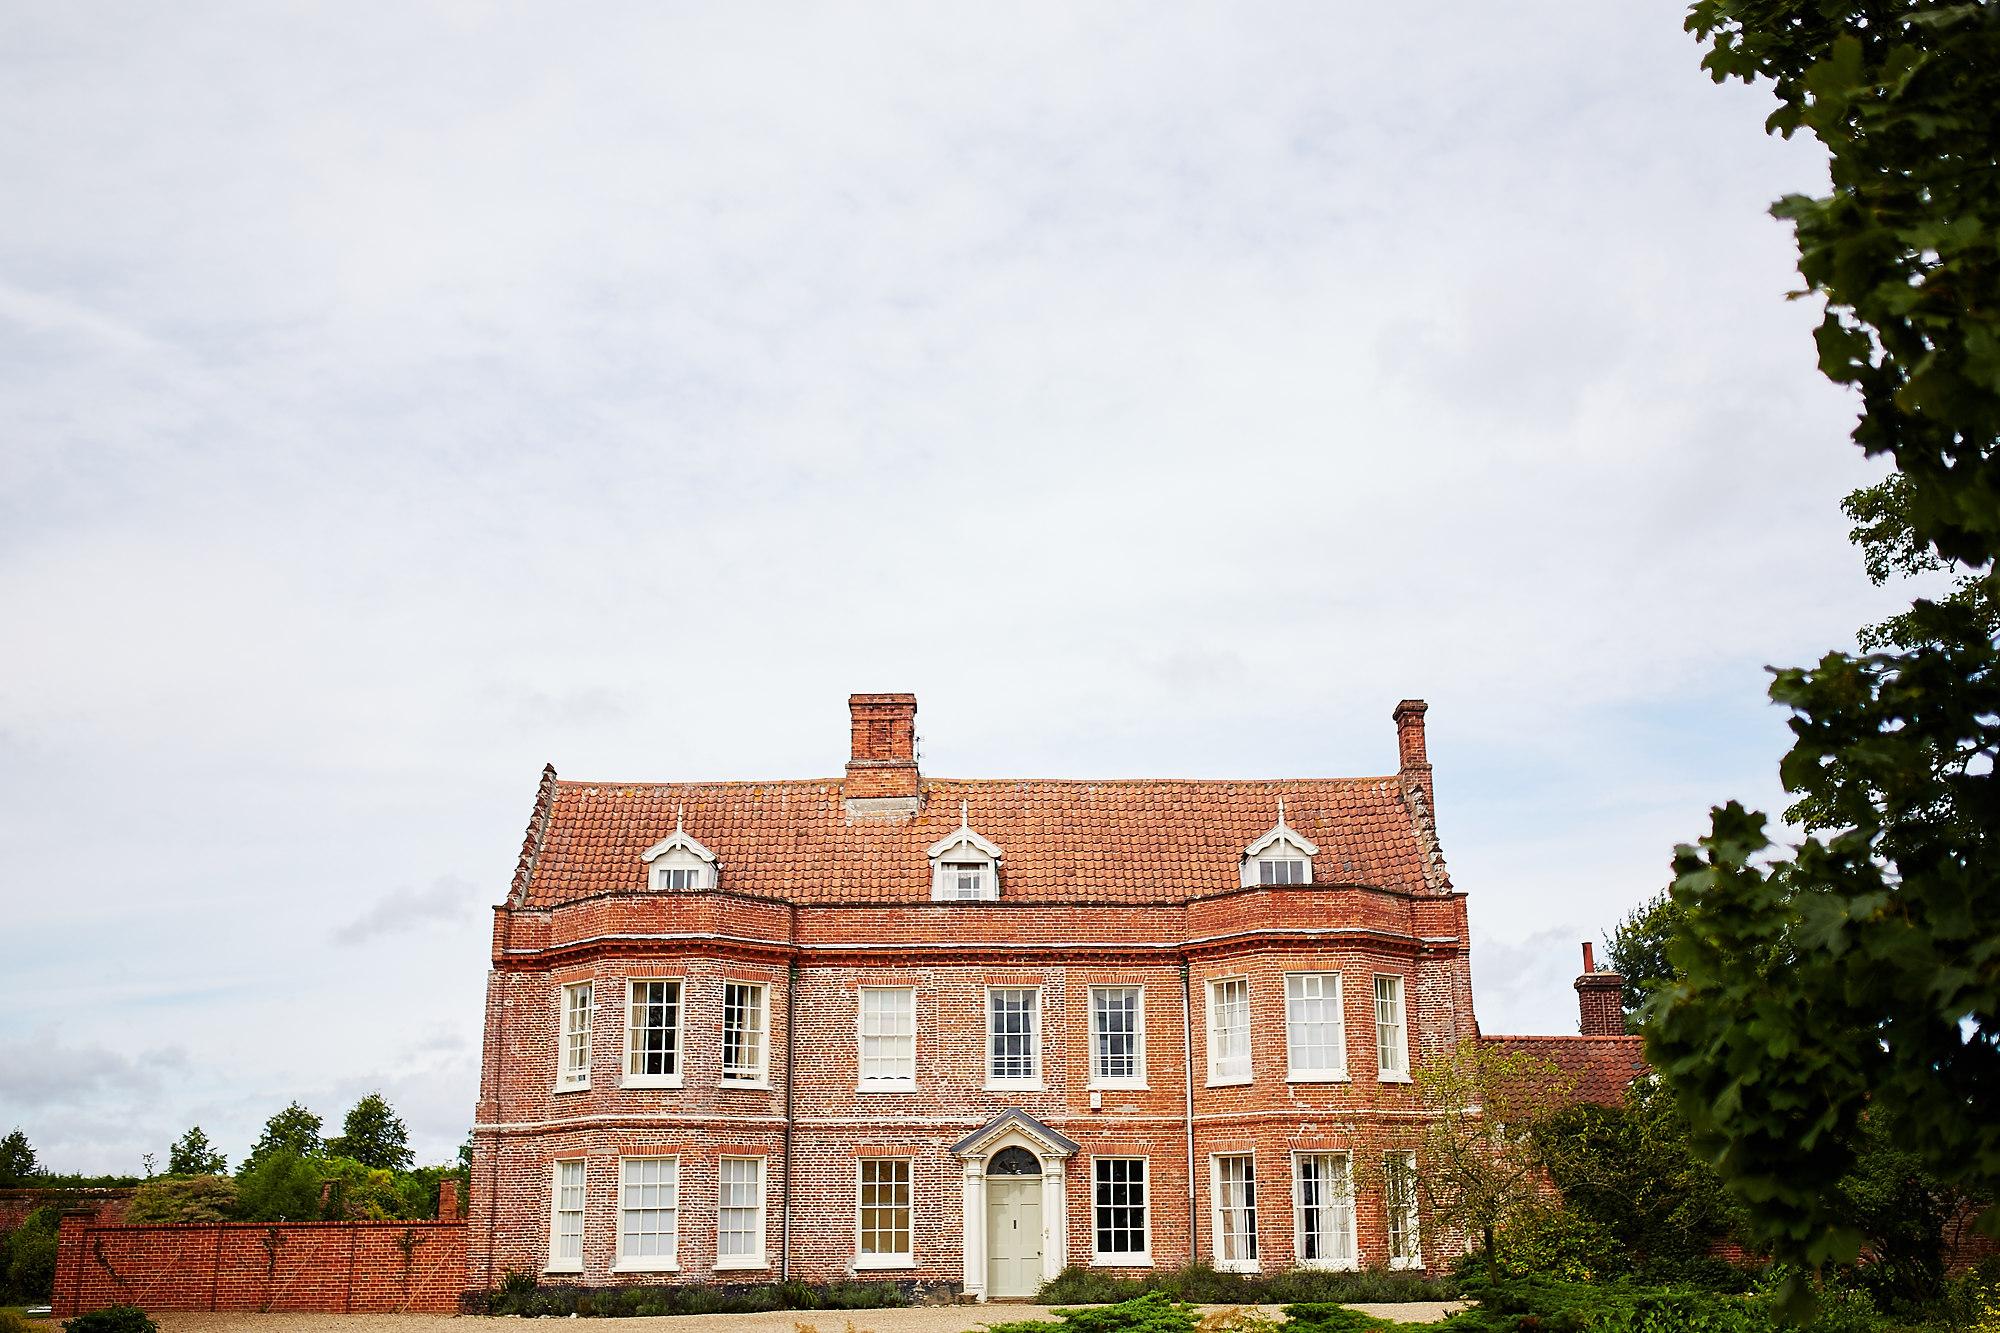 Elms Barn in Norfolk